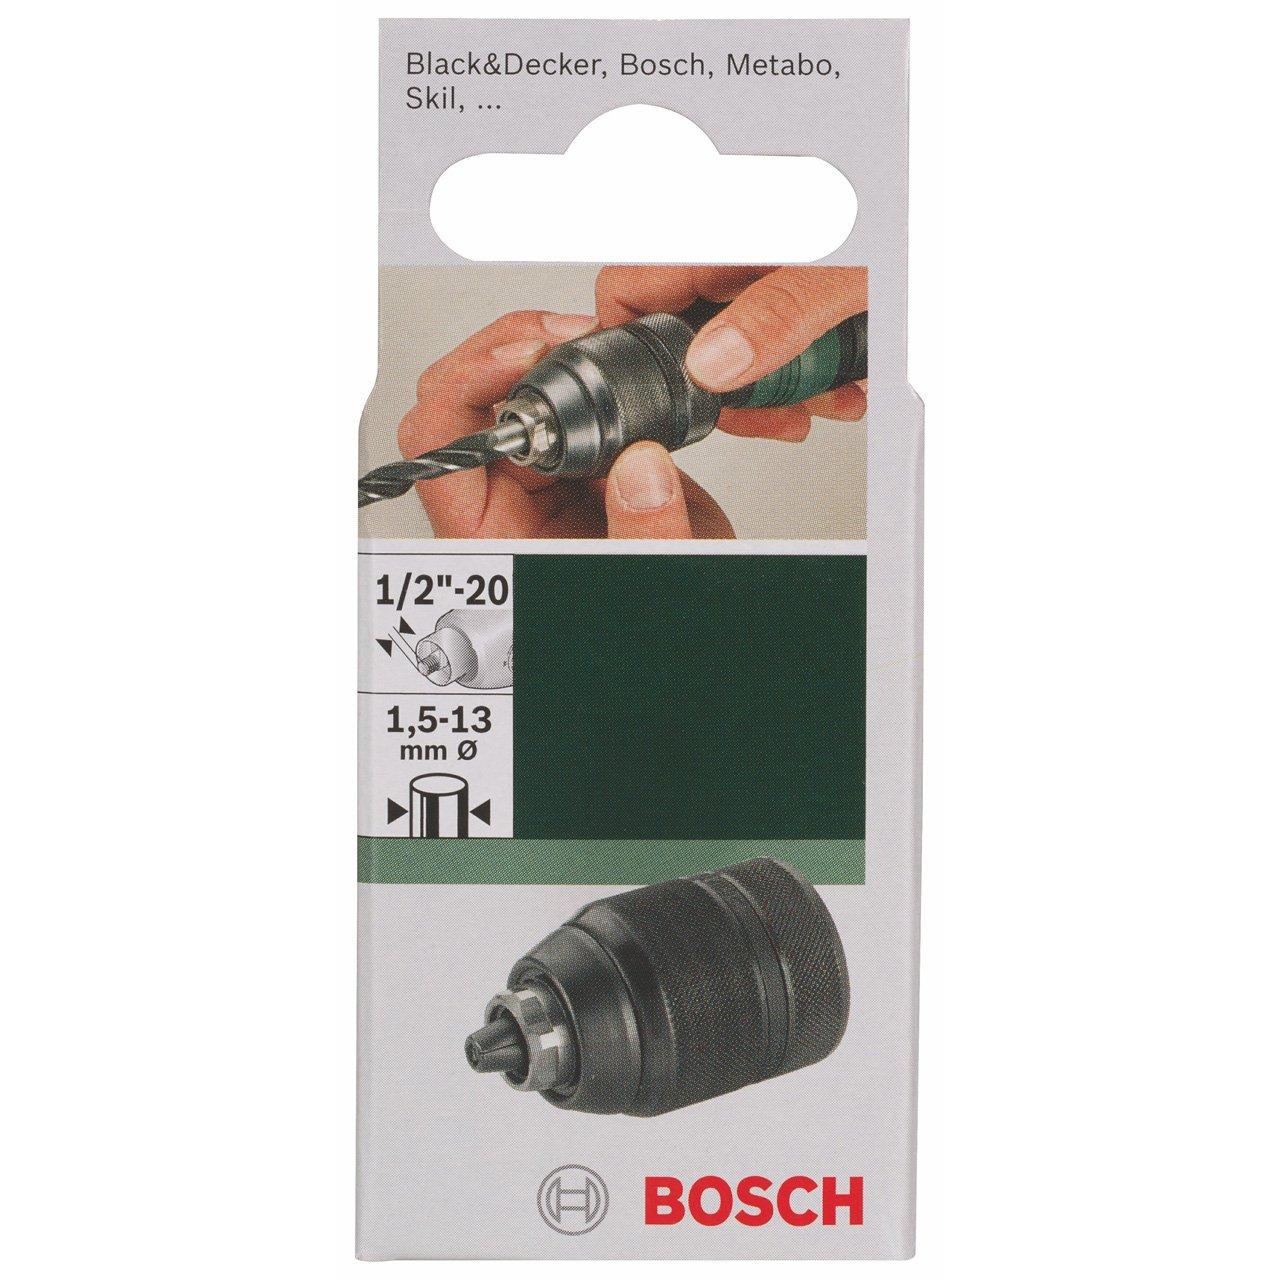 Bosch 2609255704 Heavy Duty 1.5-13mm 1//2-inch x 20-Thread Keyless Chuck with Locking Mechanism